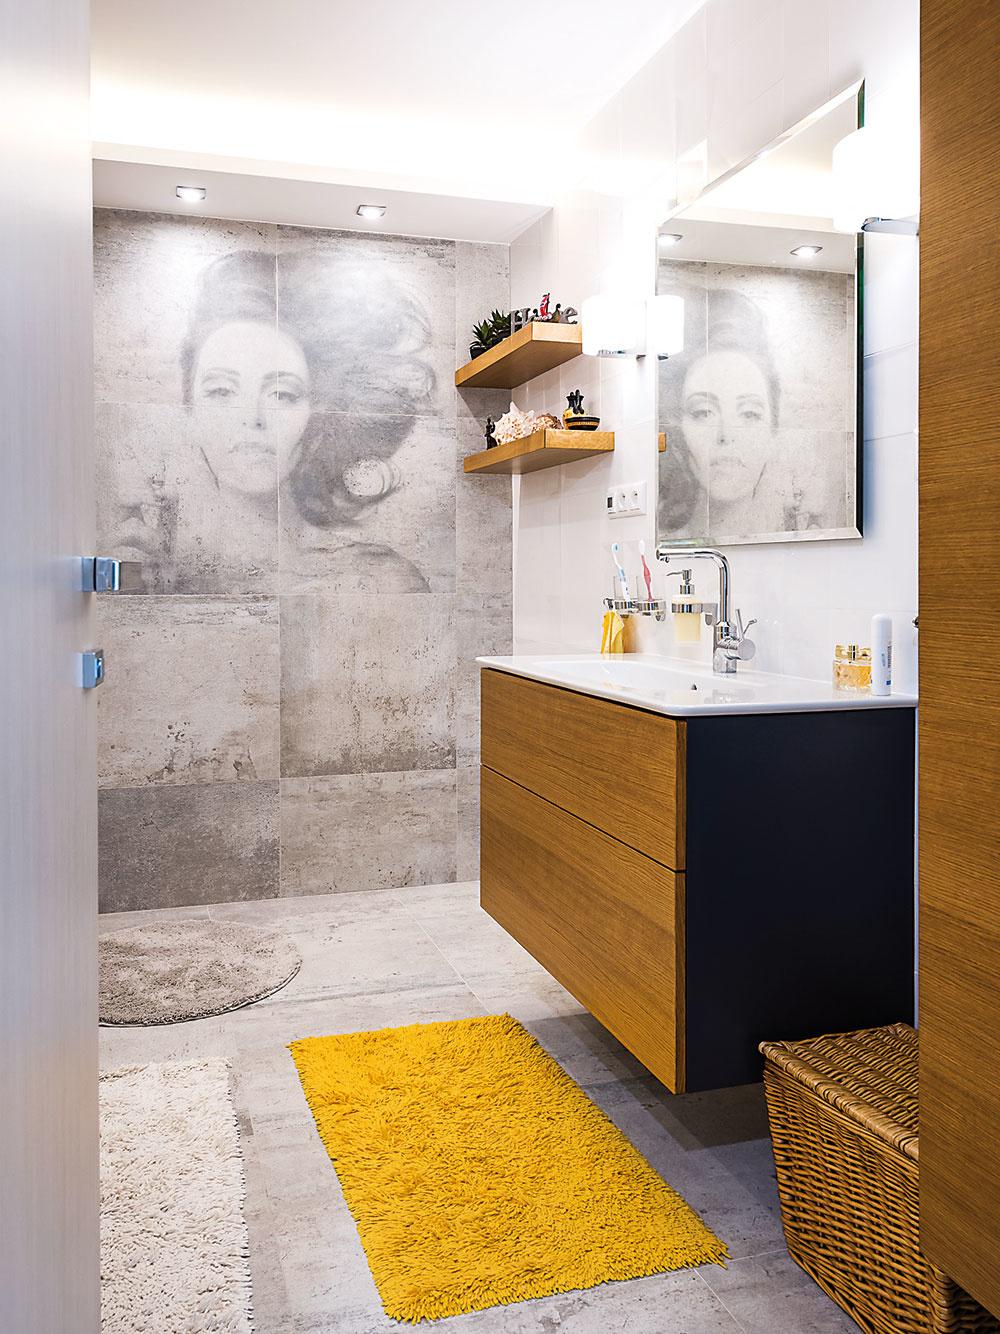 Denné svetlo sa dá v prípade potreby priviesť pomocou svetlovodu alebo svetlíka aj do vnútra dispozície, napríklad do kúpeľne či šatníka.